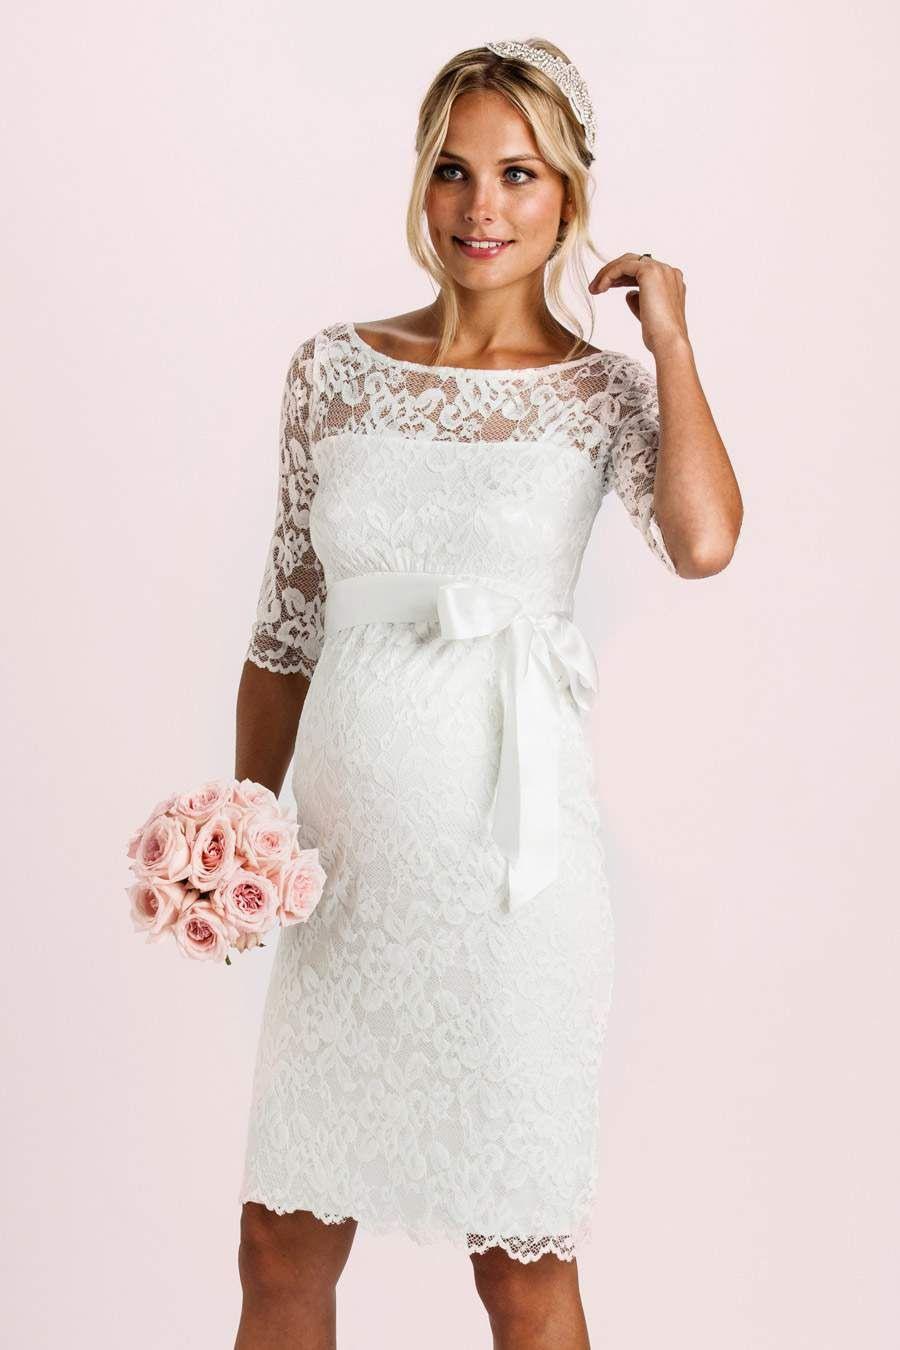 Spitzen Brautkleid Mit Schärpe  Pregnant Wedding Dress